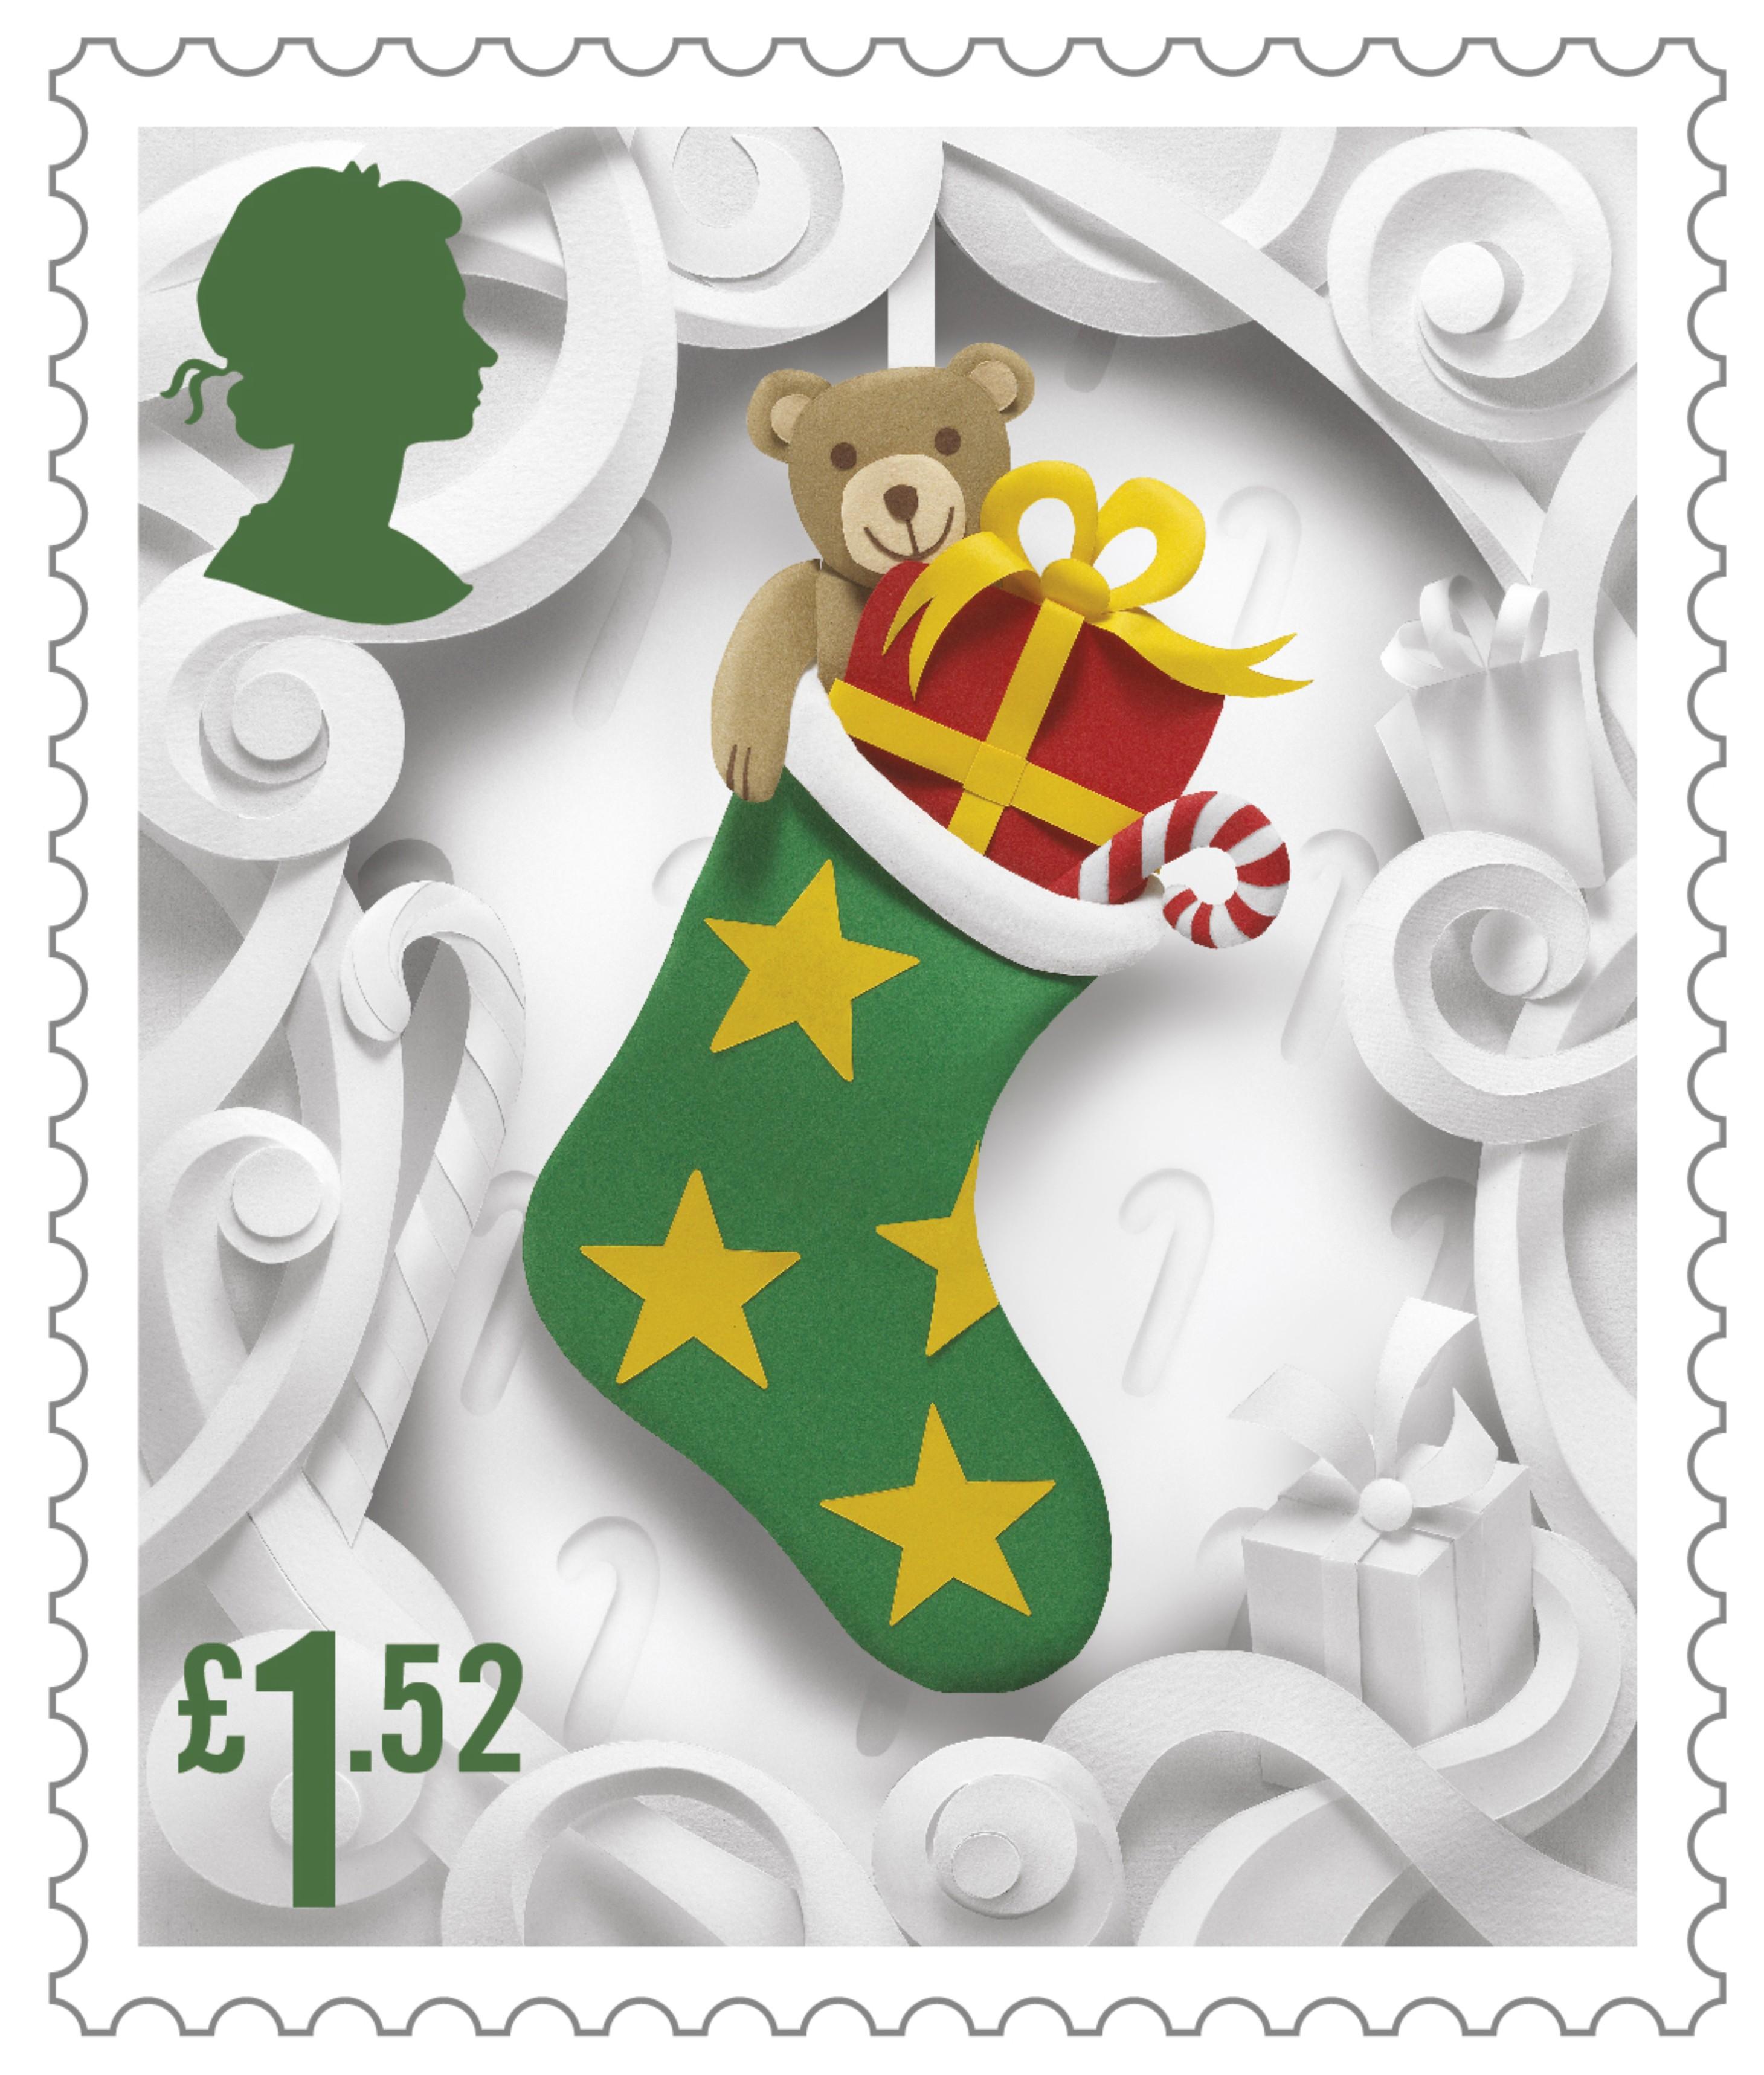 christmas-2016-u1-52-400-stamp